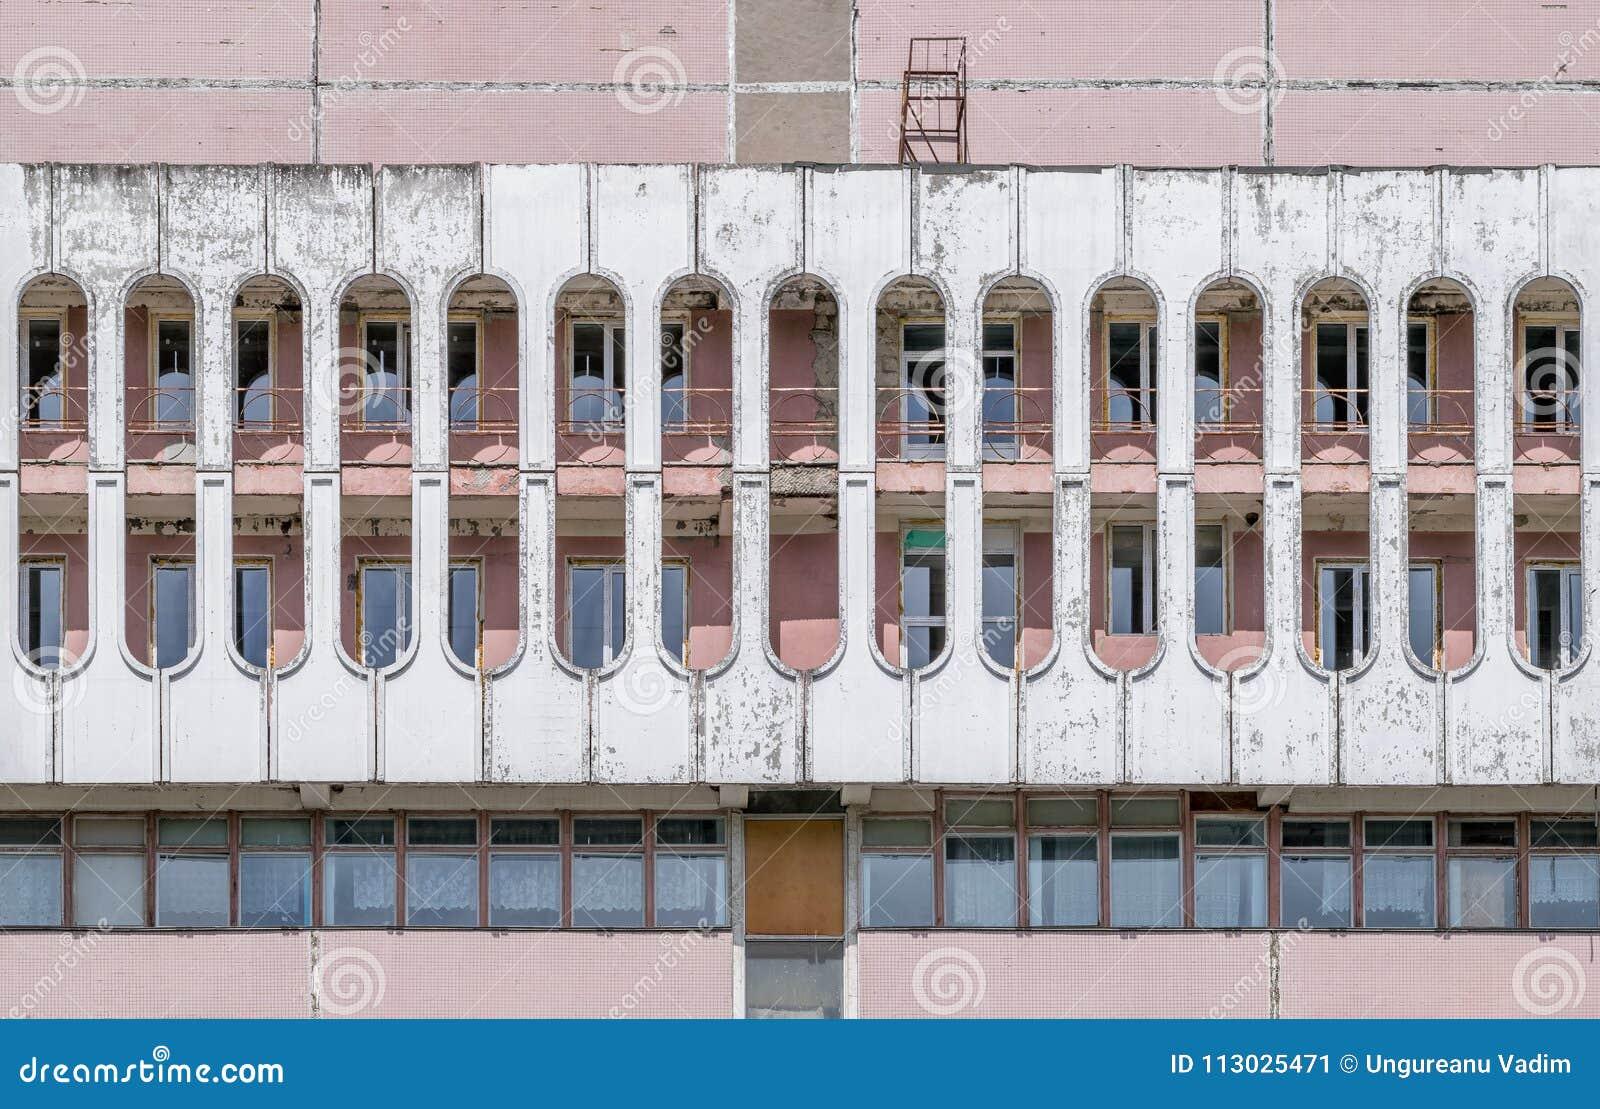 Formas del cilindro de un edificio soviético de la era en ladrillo del blanco del red&